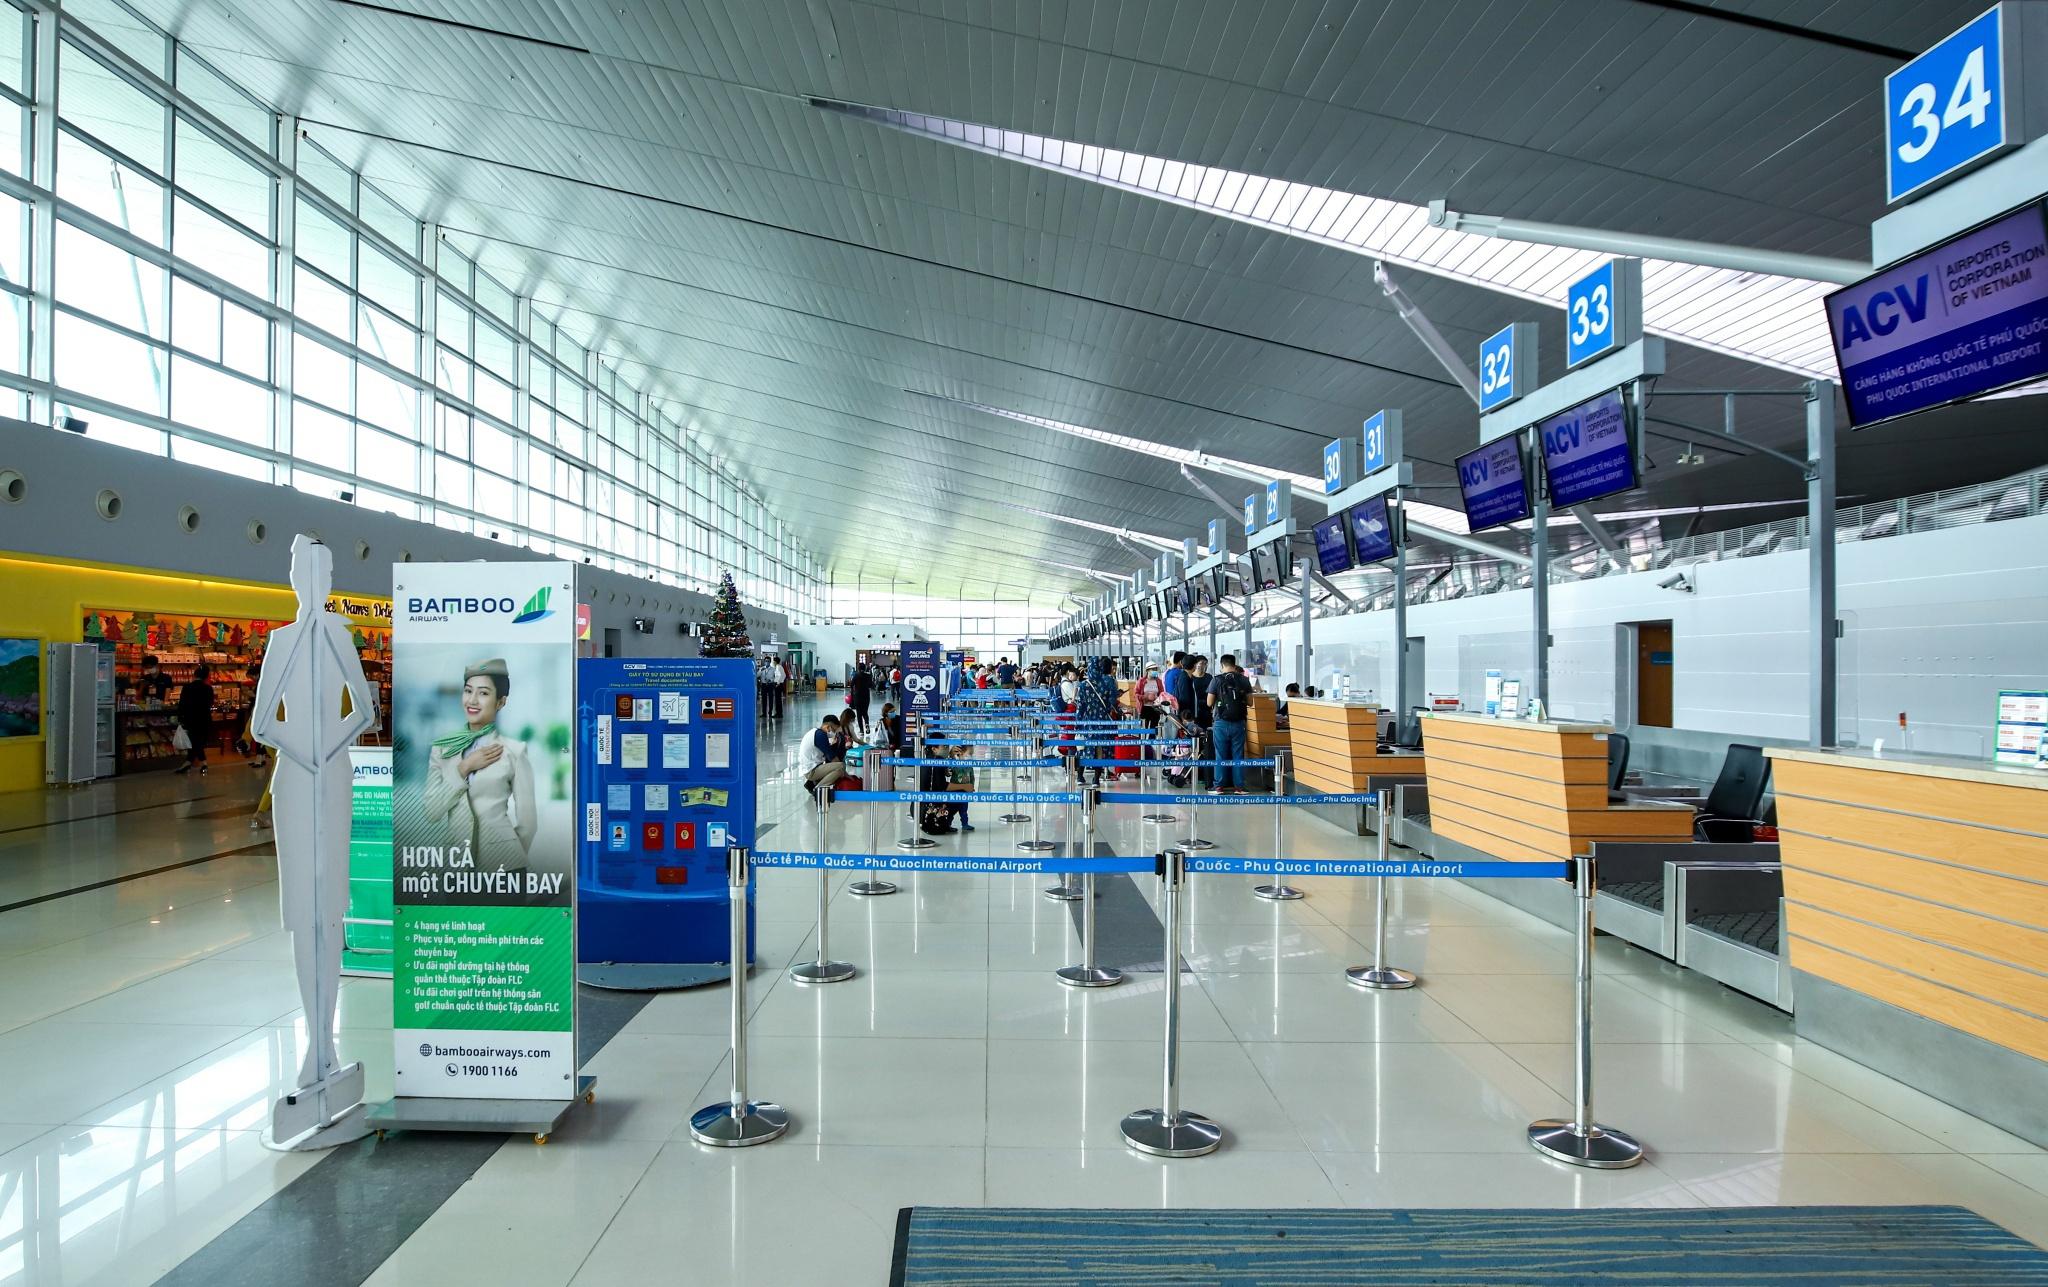 don 2 3 trieu khach den phu quoc anh 3  - phuquoc_zing107 - Bài toán đón 2-3 triệu khách đến Phú Quốc